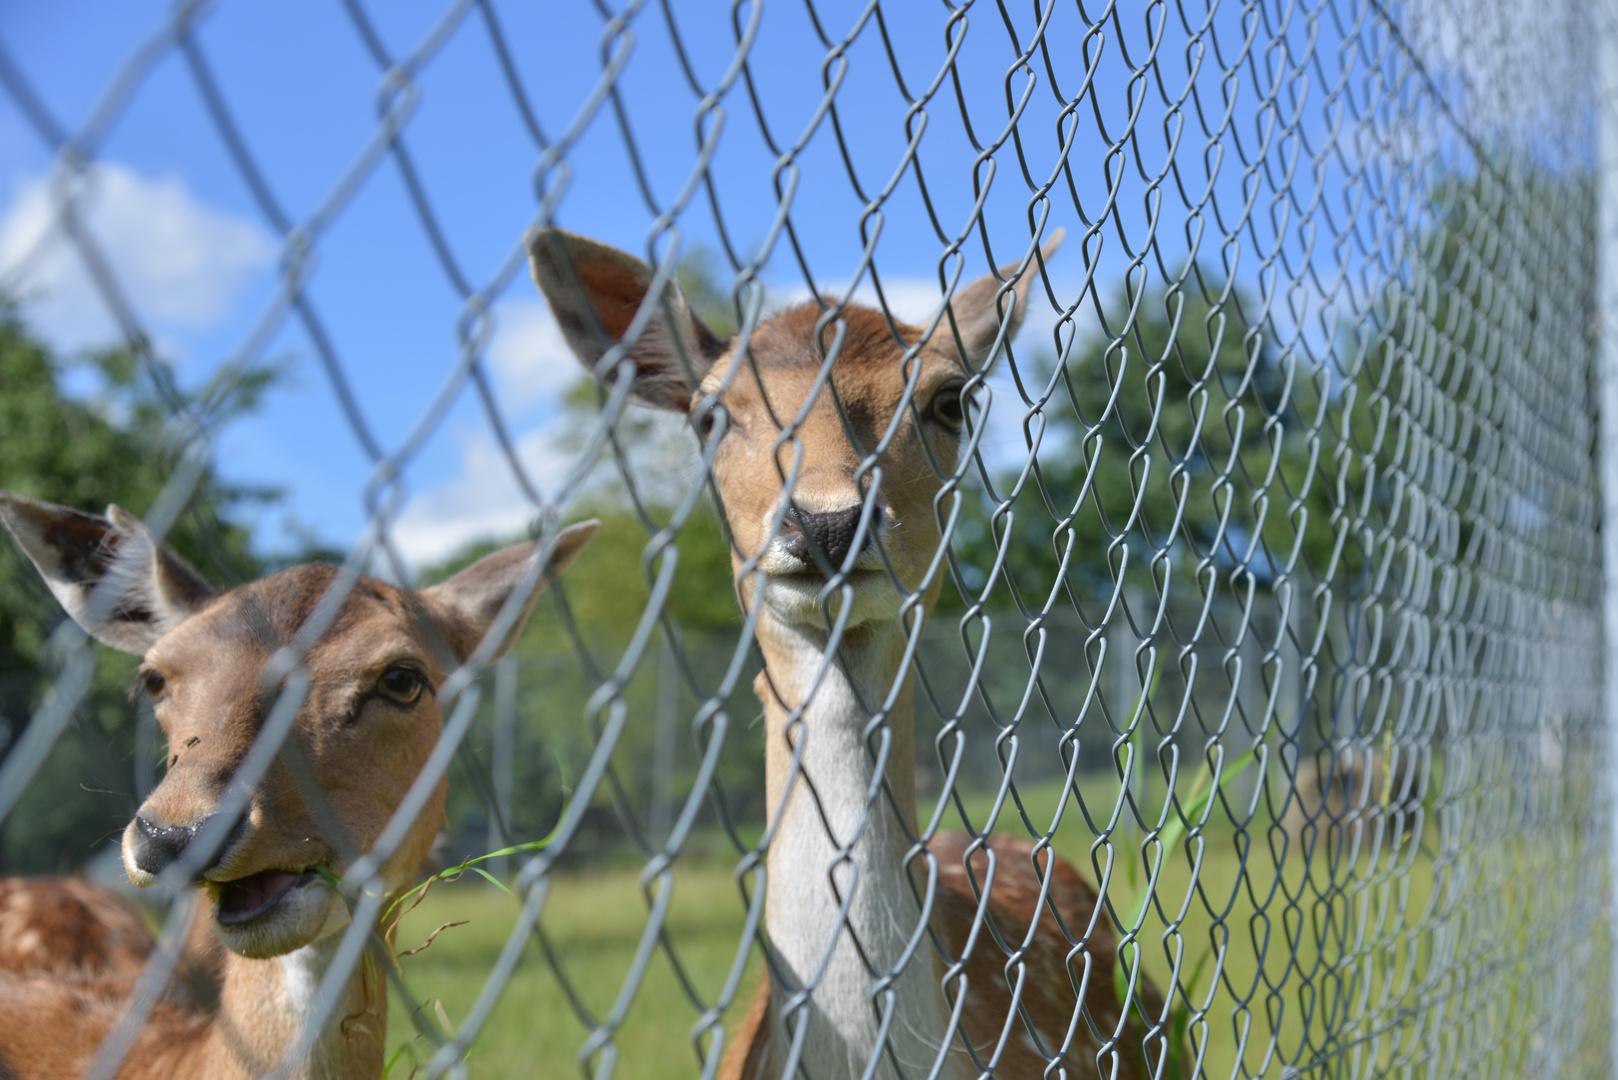 Wer steht denn da nun hinter dem Zaun?